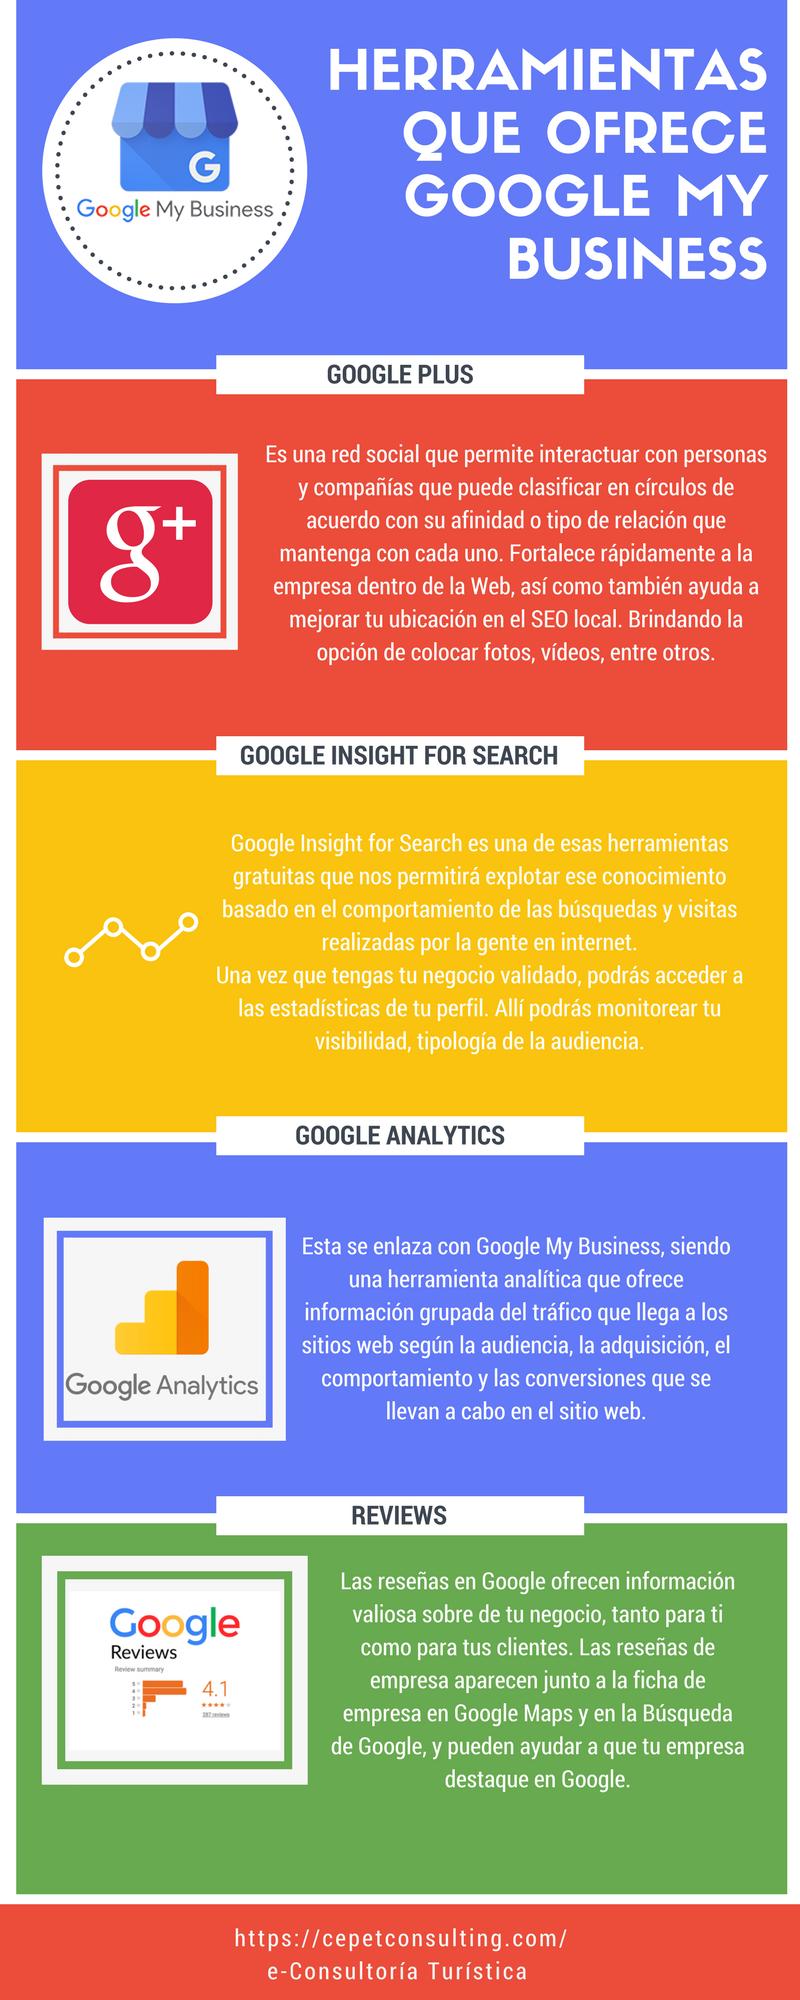 Infografía Herramientas de Google My Business